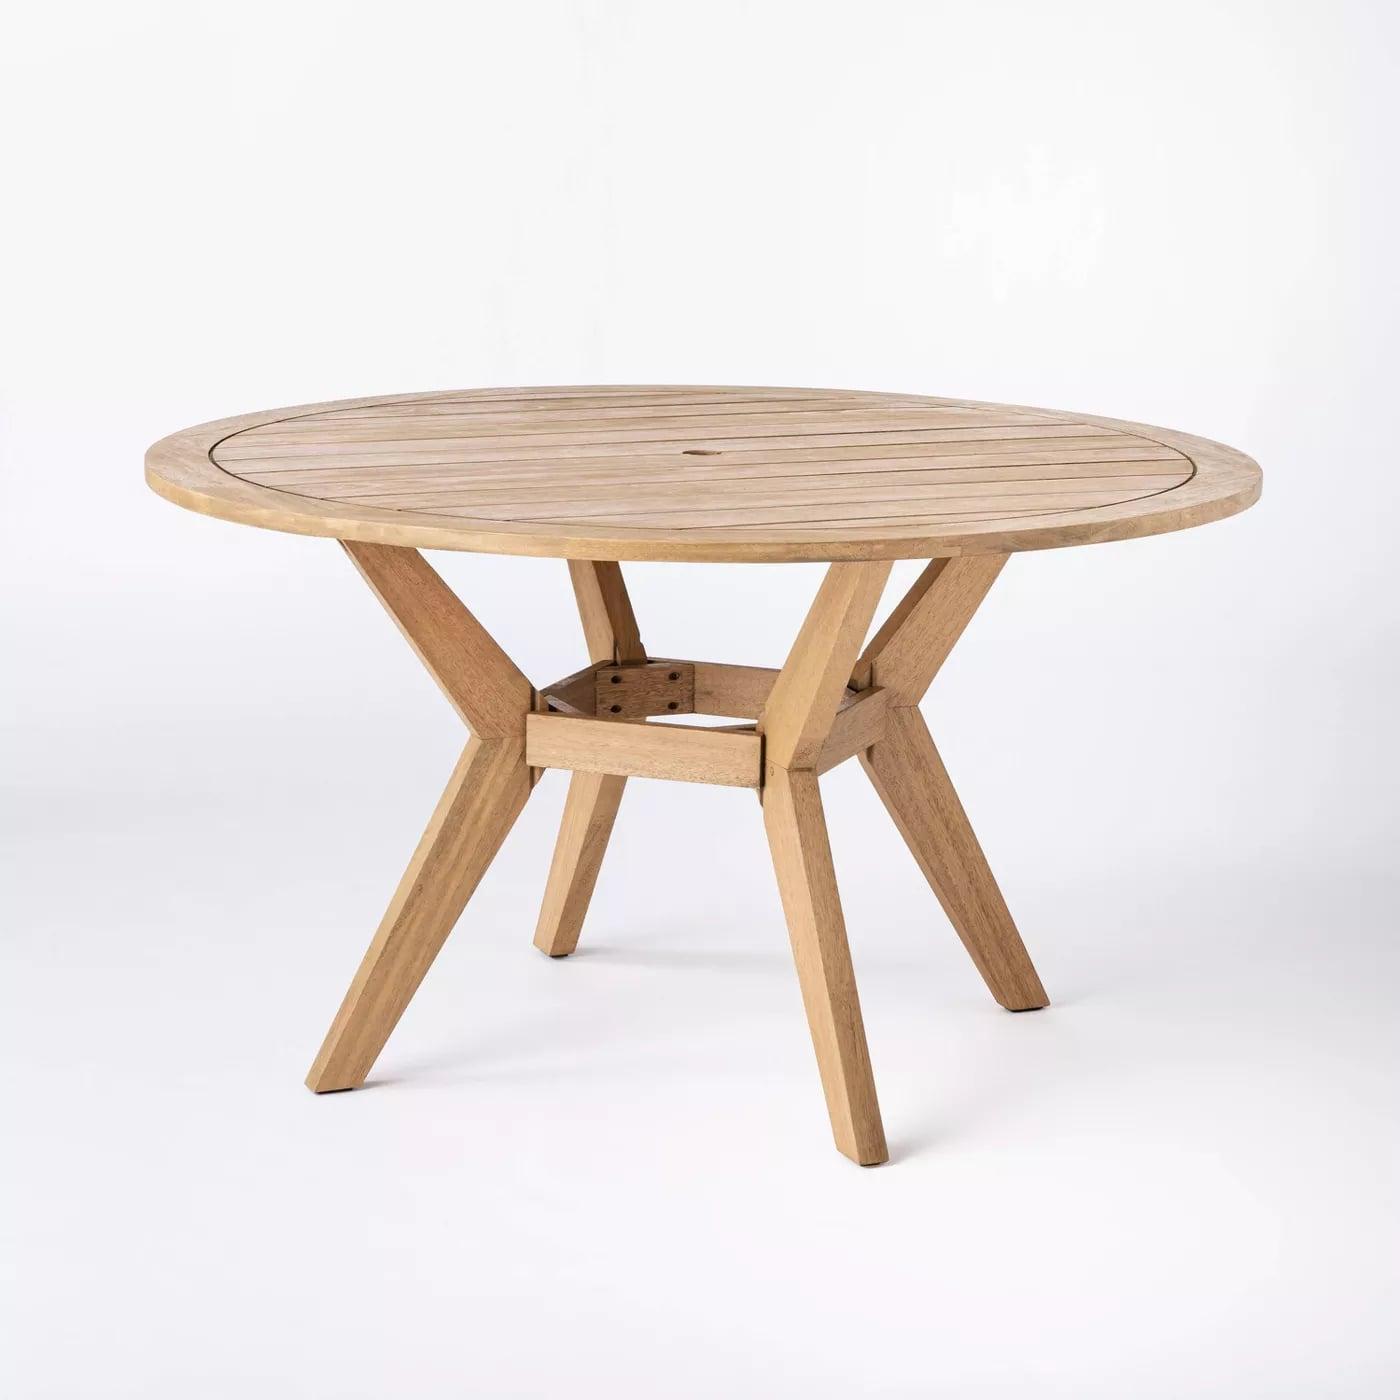 Best Outdoor Furniture At Target 2021 Popsugar Home